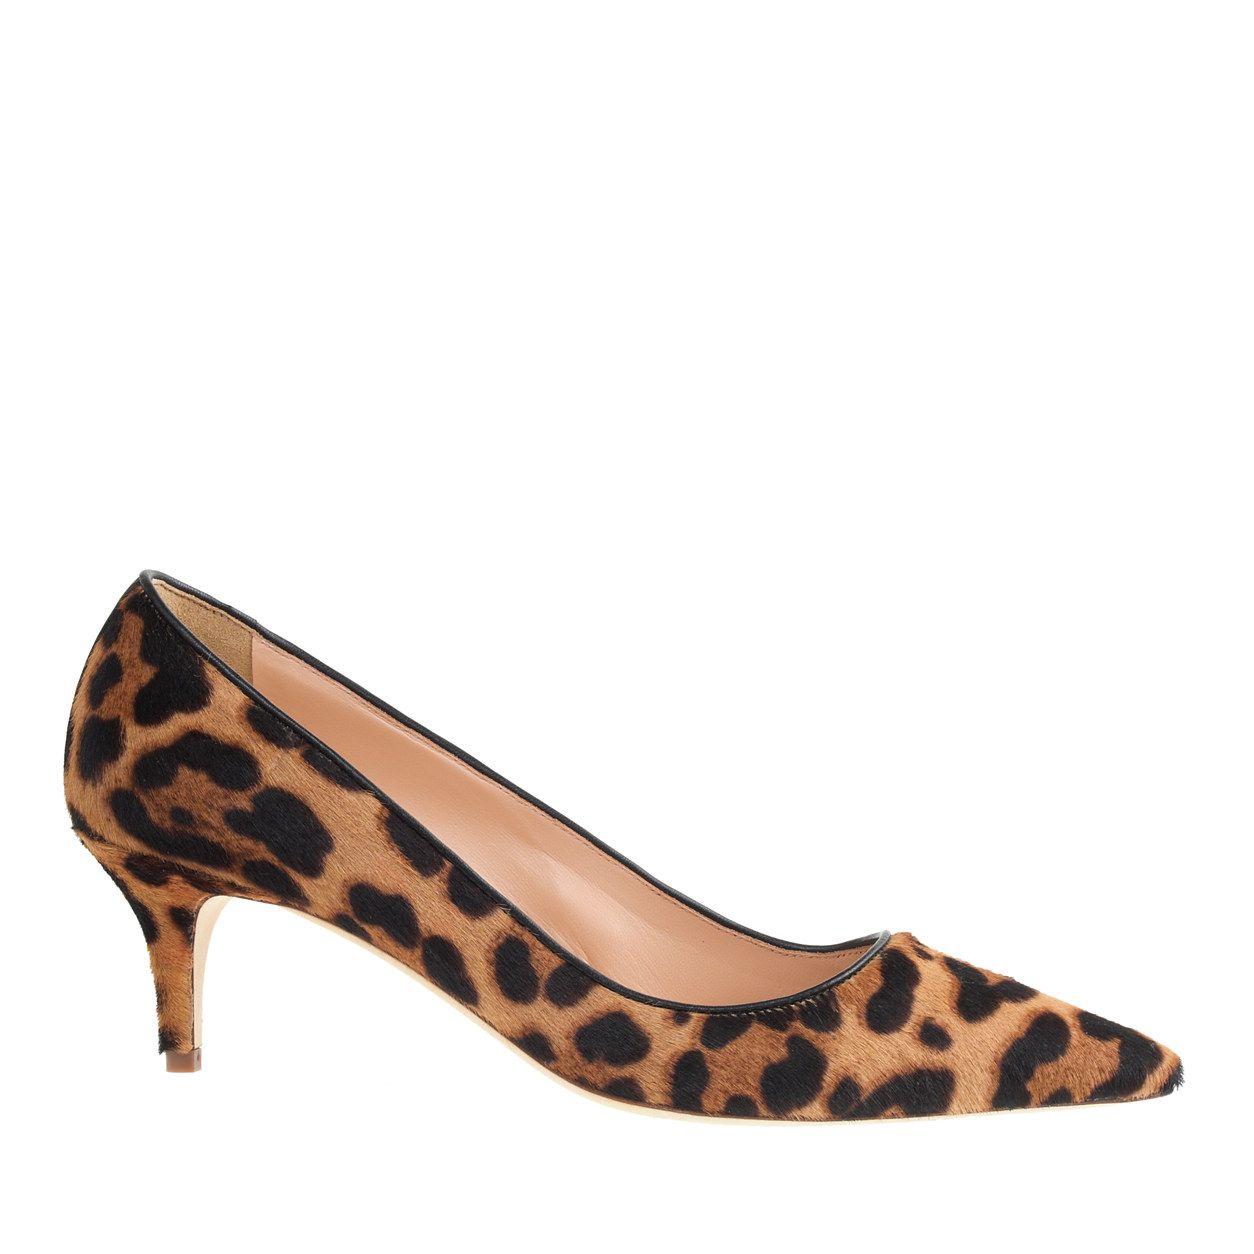 9a2ea415629a Collection Dulci calf hair kitten heels - pumps   heels - Women s shoes - J. Crew